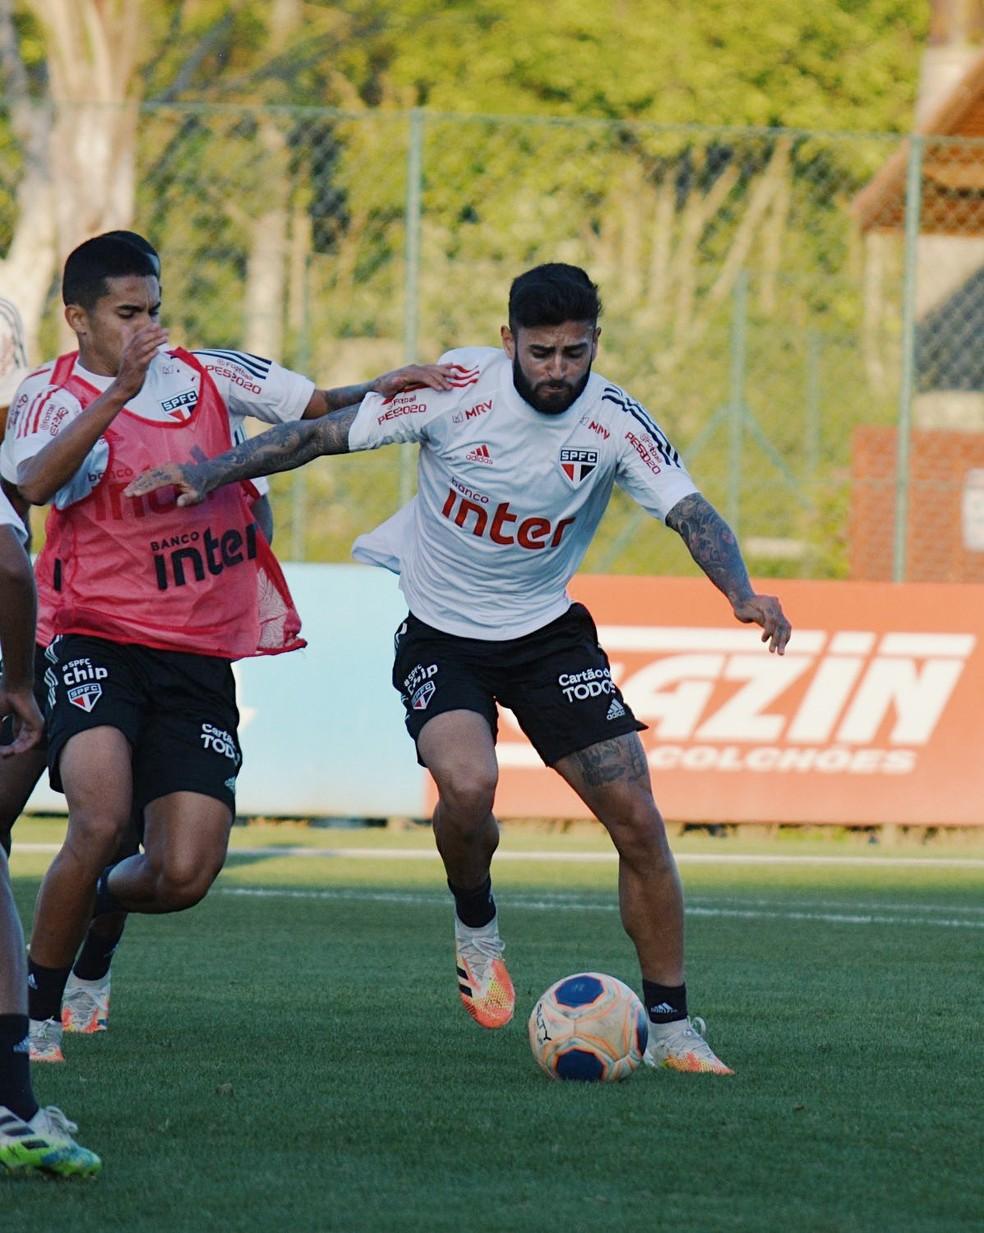 Liziero pode ganhar vaga de Pato no time do São Paulo — Foto: Divulgação São Paulo